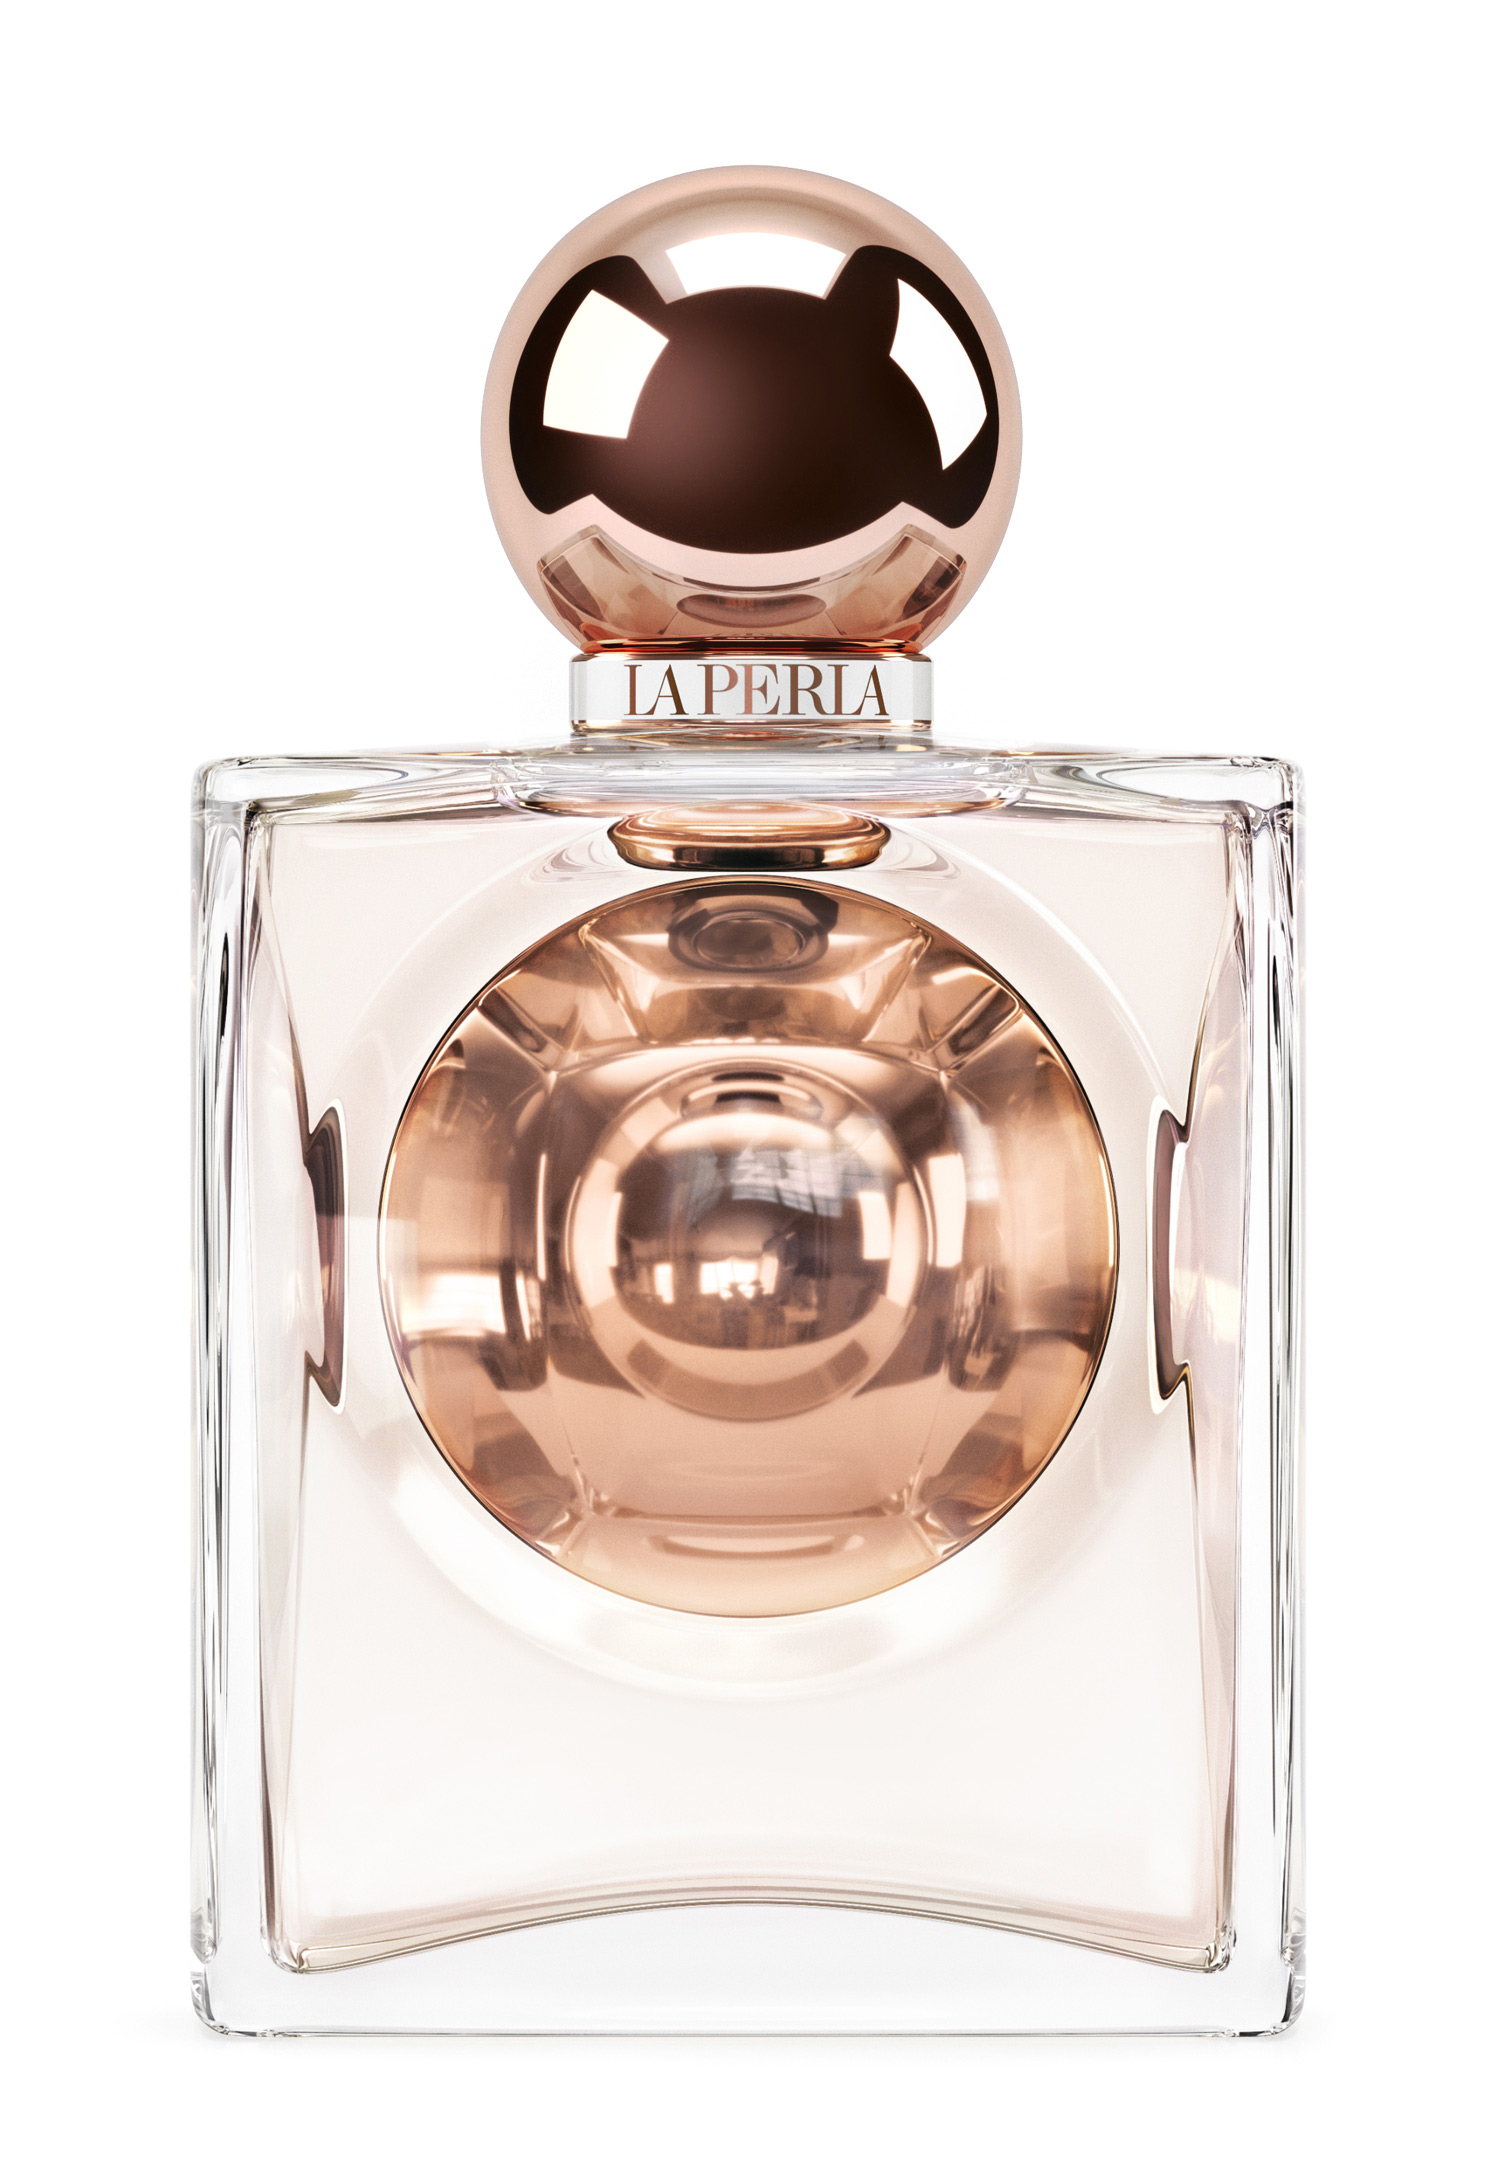 la perla la perla perfume